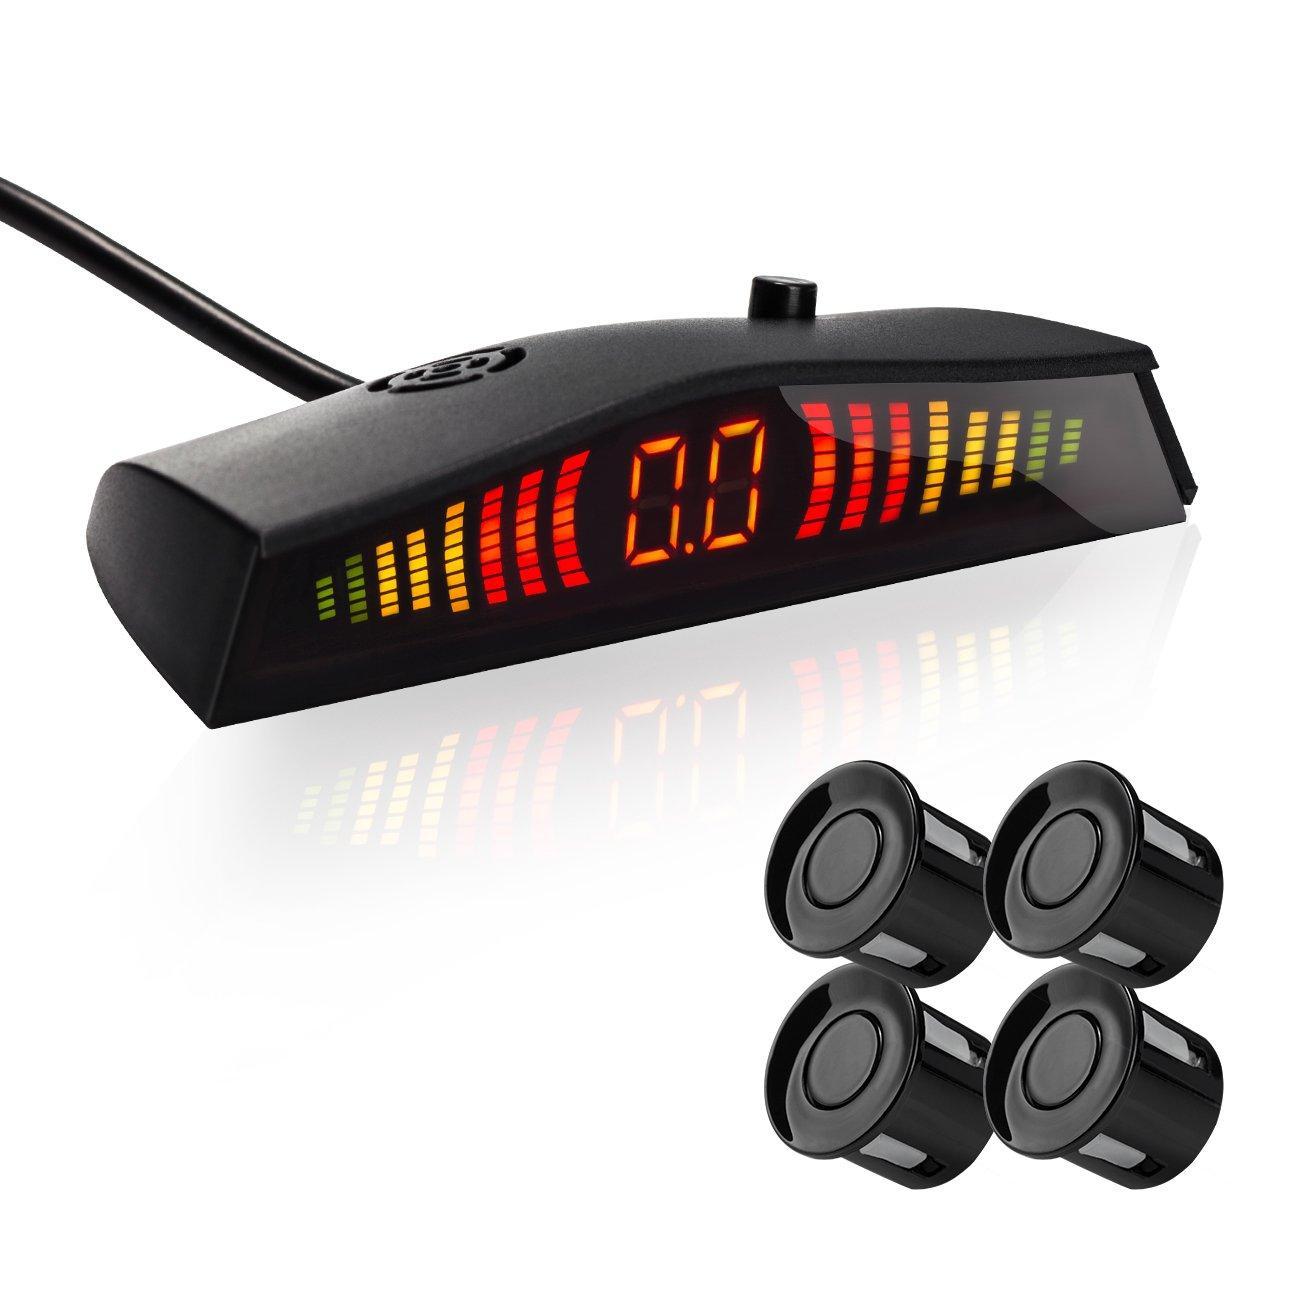 Favoto Car Reverse Backup Radar System Parking Sensor Kit Safety Alert with 4 Parking Sensor Distance Detection and LED Display Warning Alarm (Black)